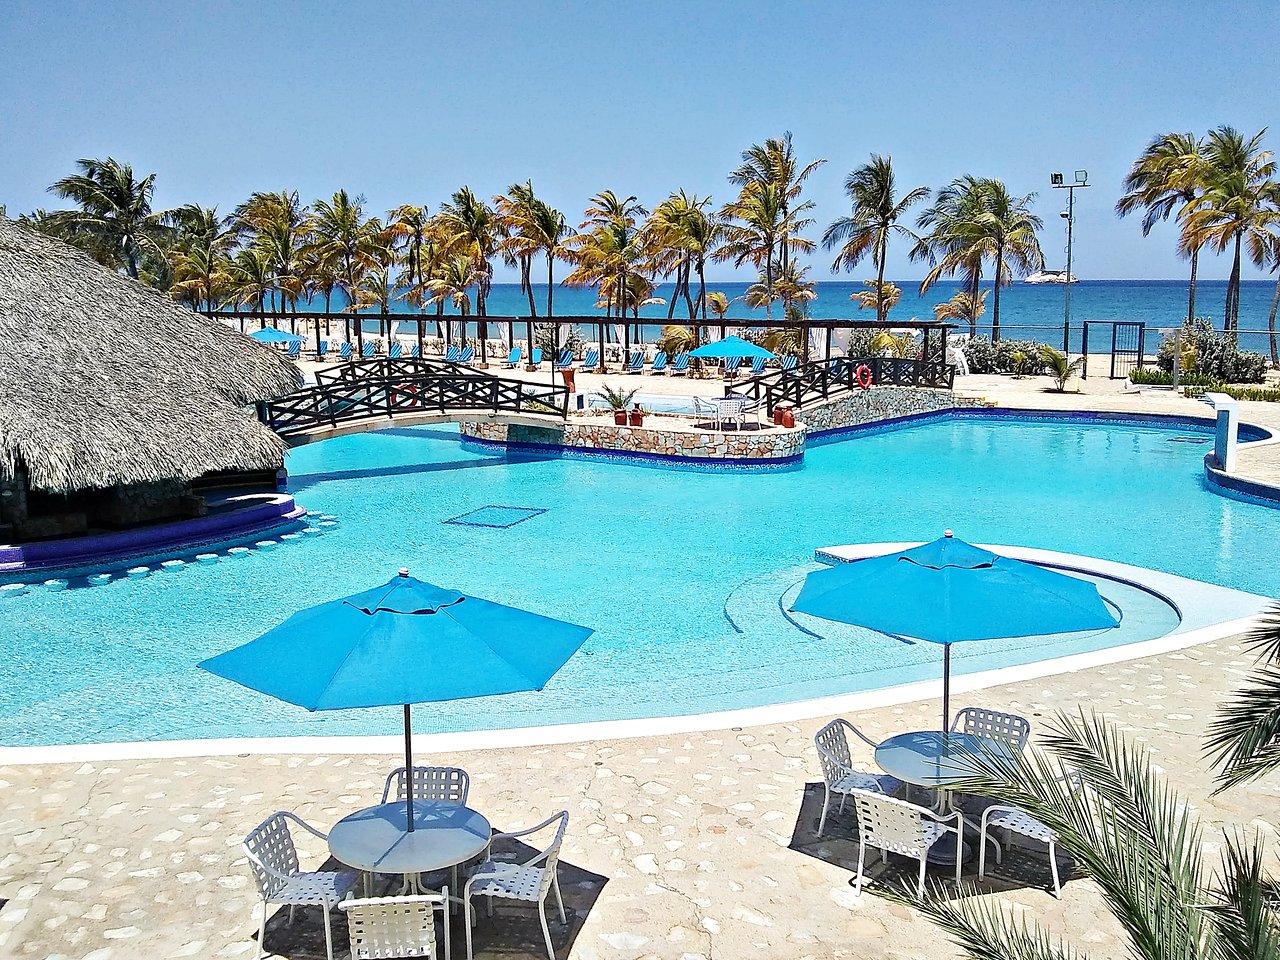 Costa Caribe Beach Hotel Resort Ilha De Margarita 78 Fotos Comparação De Preços E Avaliações